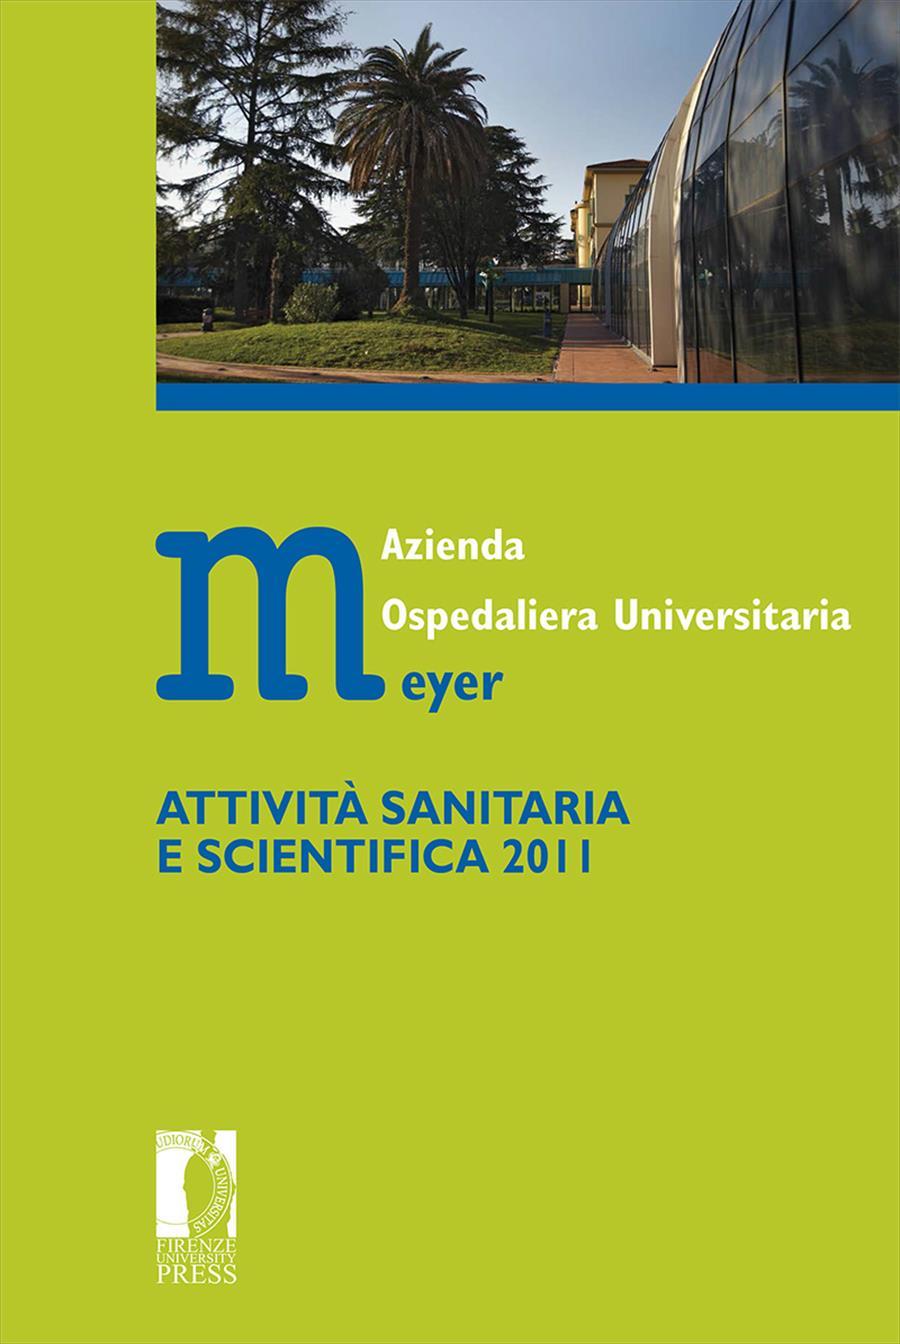 Azienda Ospedaliera Universitaria Meyer. Attività sanitaria e scientifica 2011